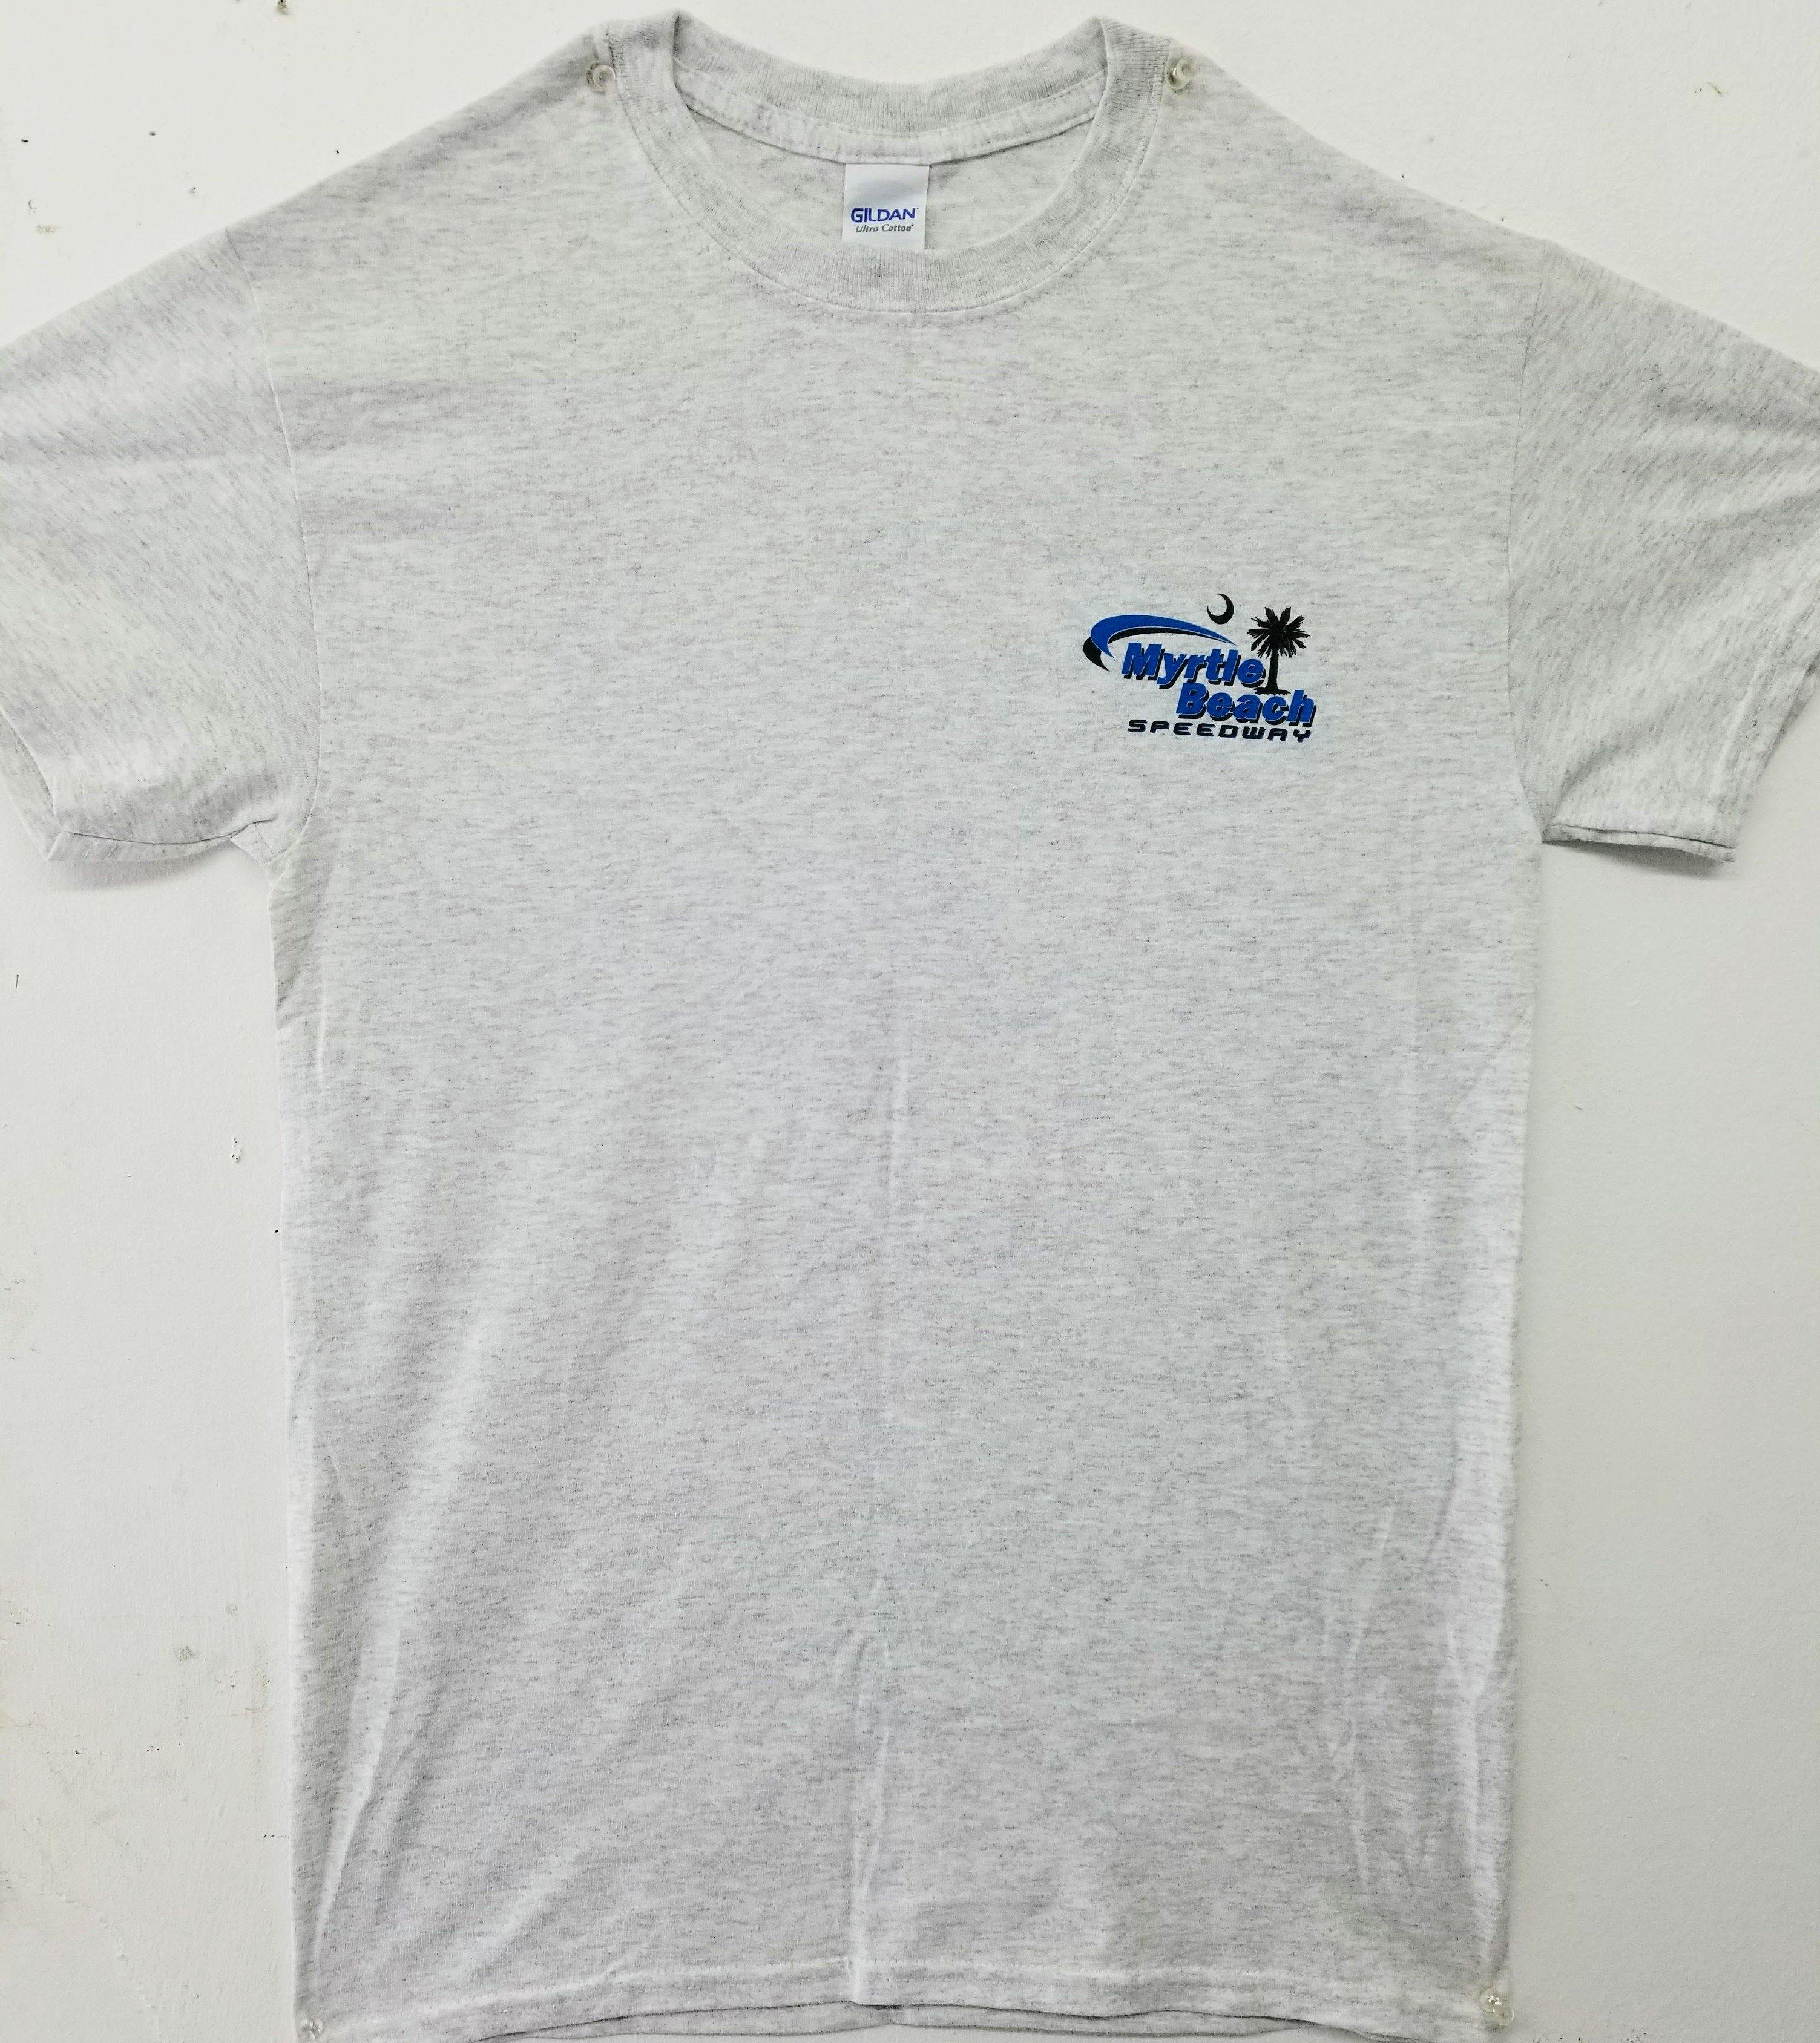 Myrtle Beach Speedway Adult Logo Tee (FRONT)